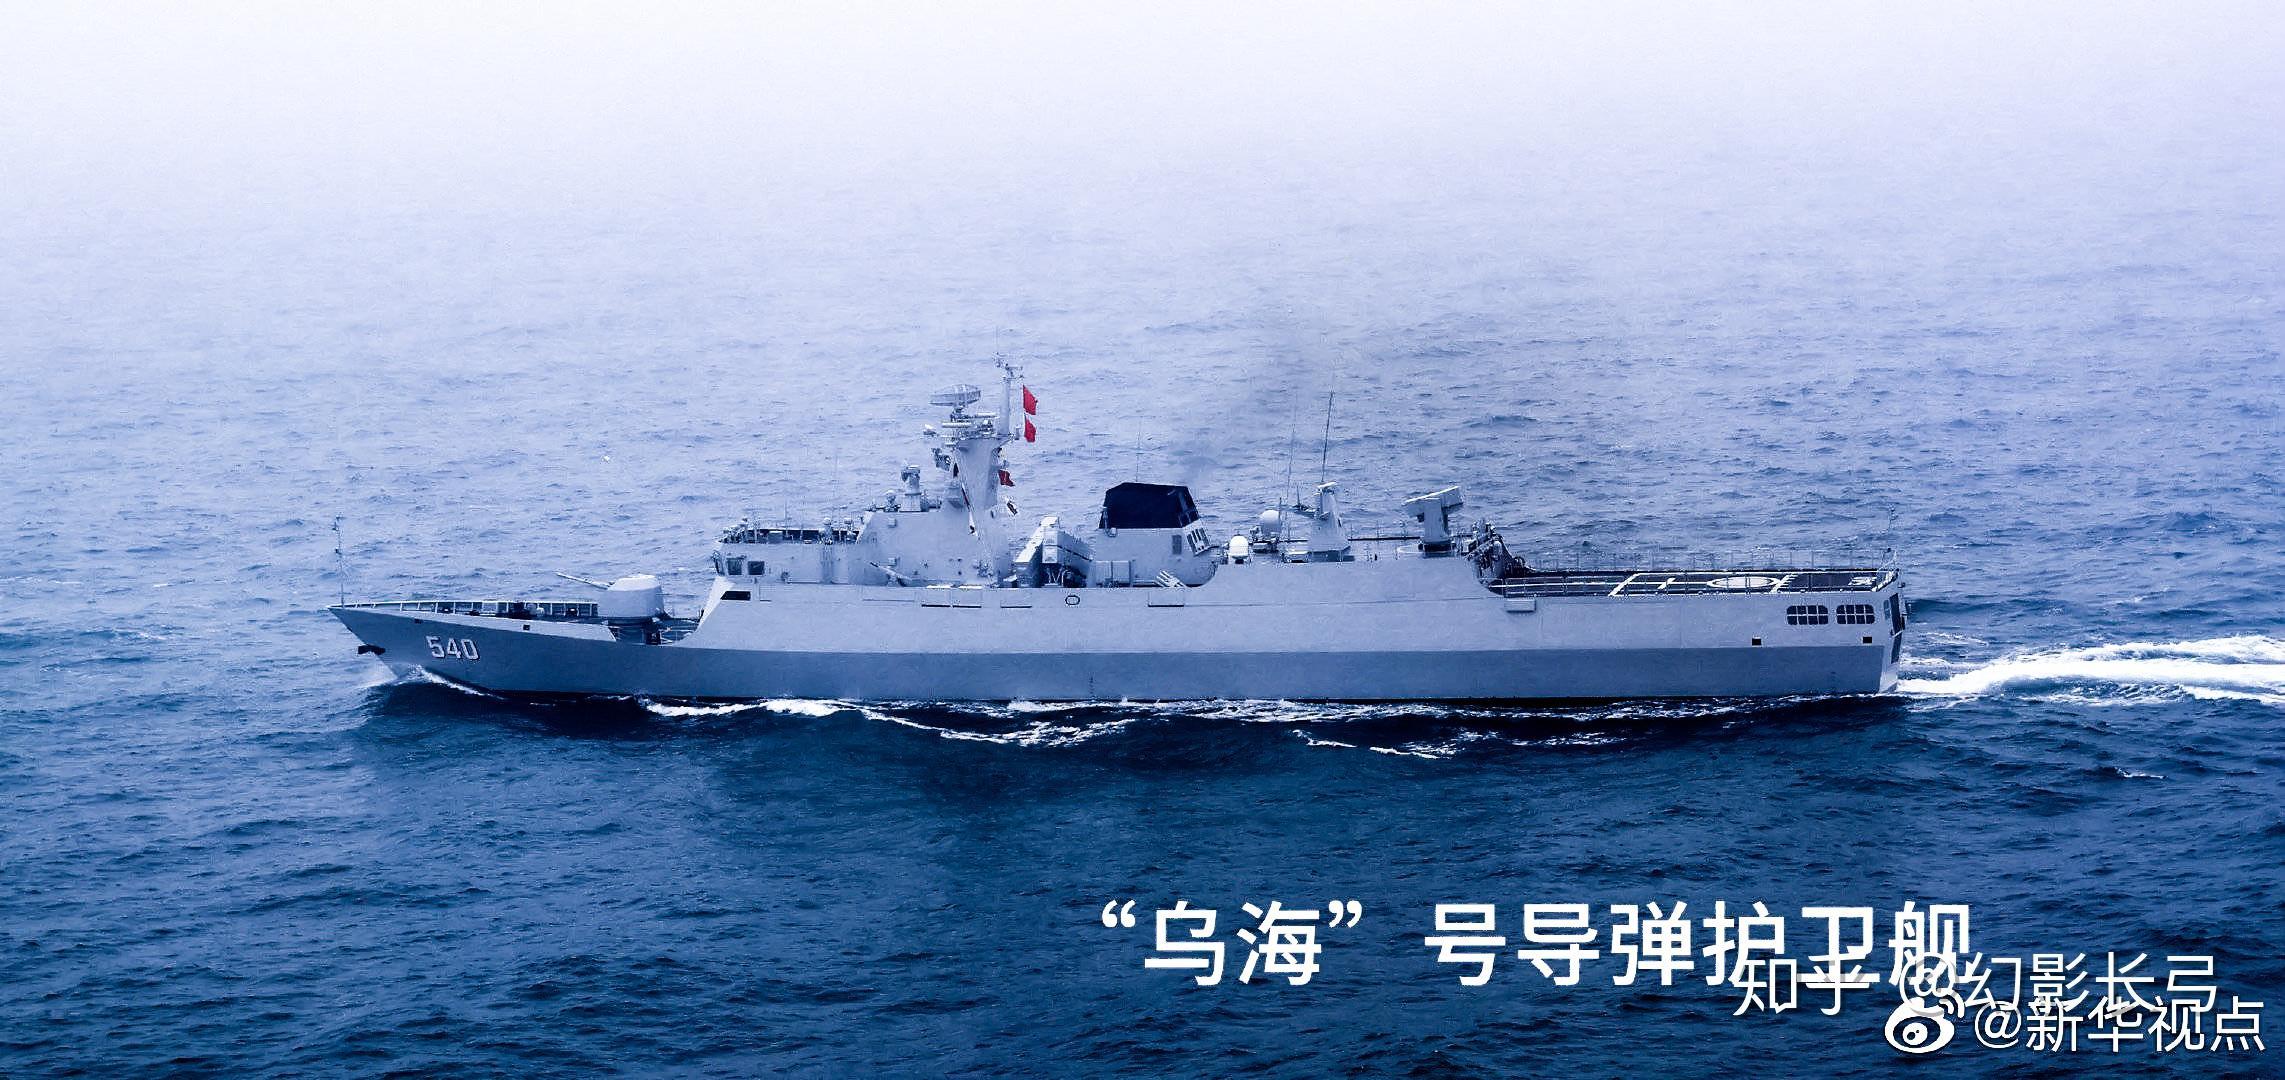 加尔各答级驱逐舰_海军70周年阅兵图集 - 知乎